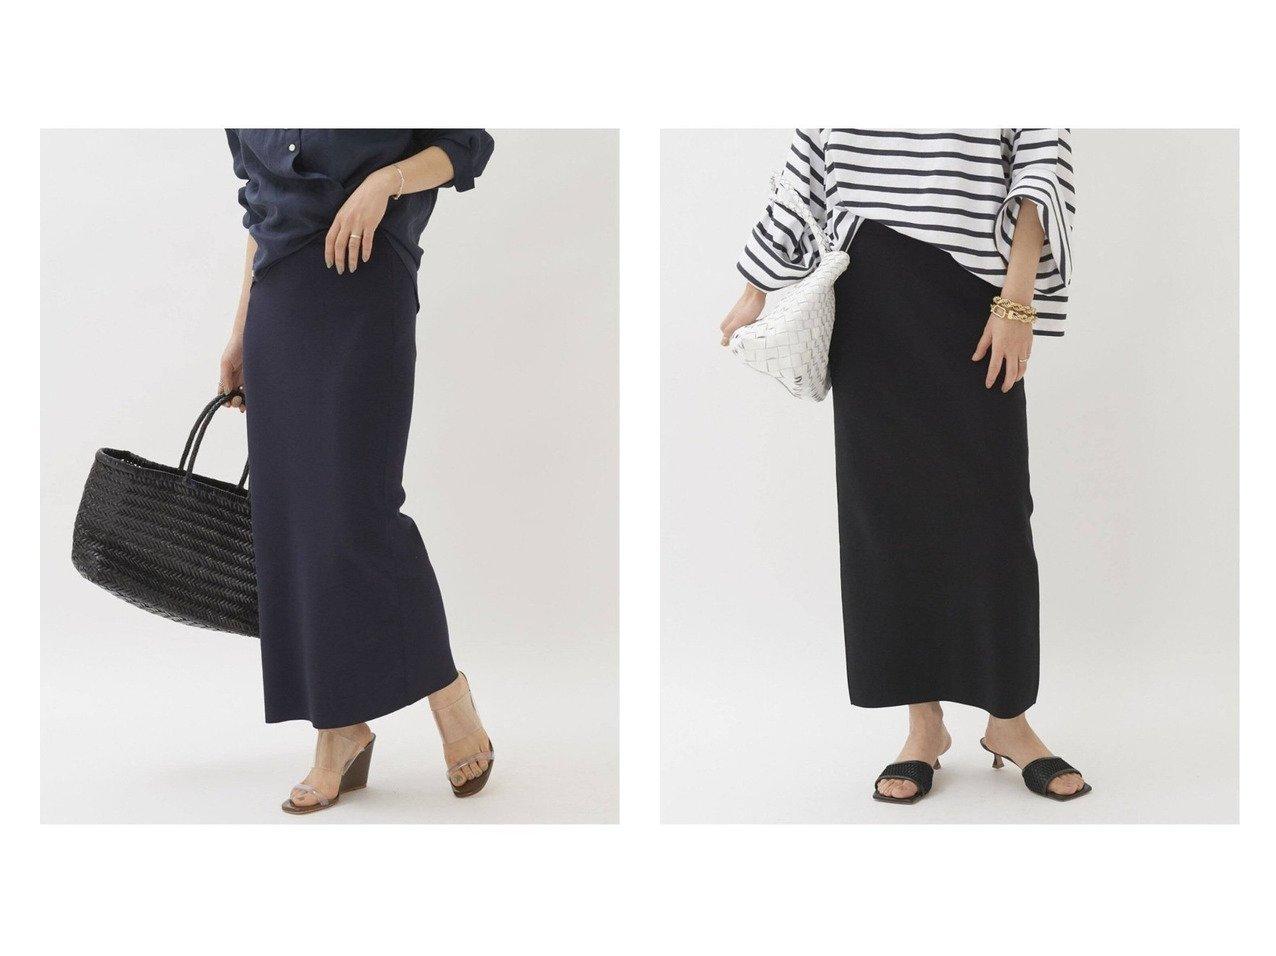 【Plage/プラージュ】のNY Tight スカート2 【スカート】おすすめ!人気、トレンド・レディースファッションの通販 おすすめで人気の流行・トレンド、ファッションの通販商品 インテリア・家具・メンズファッション・キッズファッション・レディースファッション・服の通販 founy(ファニー) https://founy.com/ ファッション Fashion レディースファッション WOMEN スカート Skirt ロングスカート Long Skirt 2021年 2021 2021春夏・S/S SS/Spring/Summer/2021 S/S・春夏 SS・Spring/Summer ロング |ID:crp329100000040825